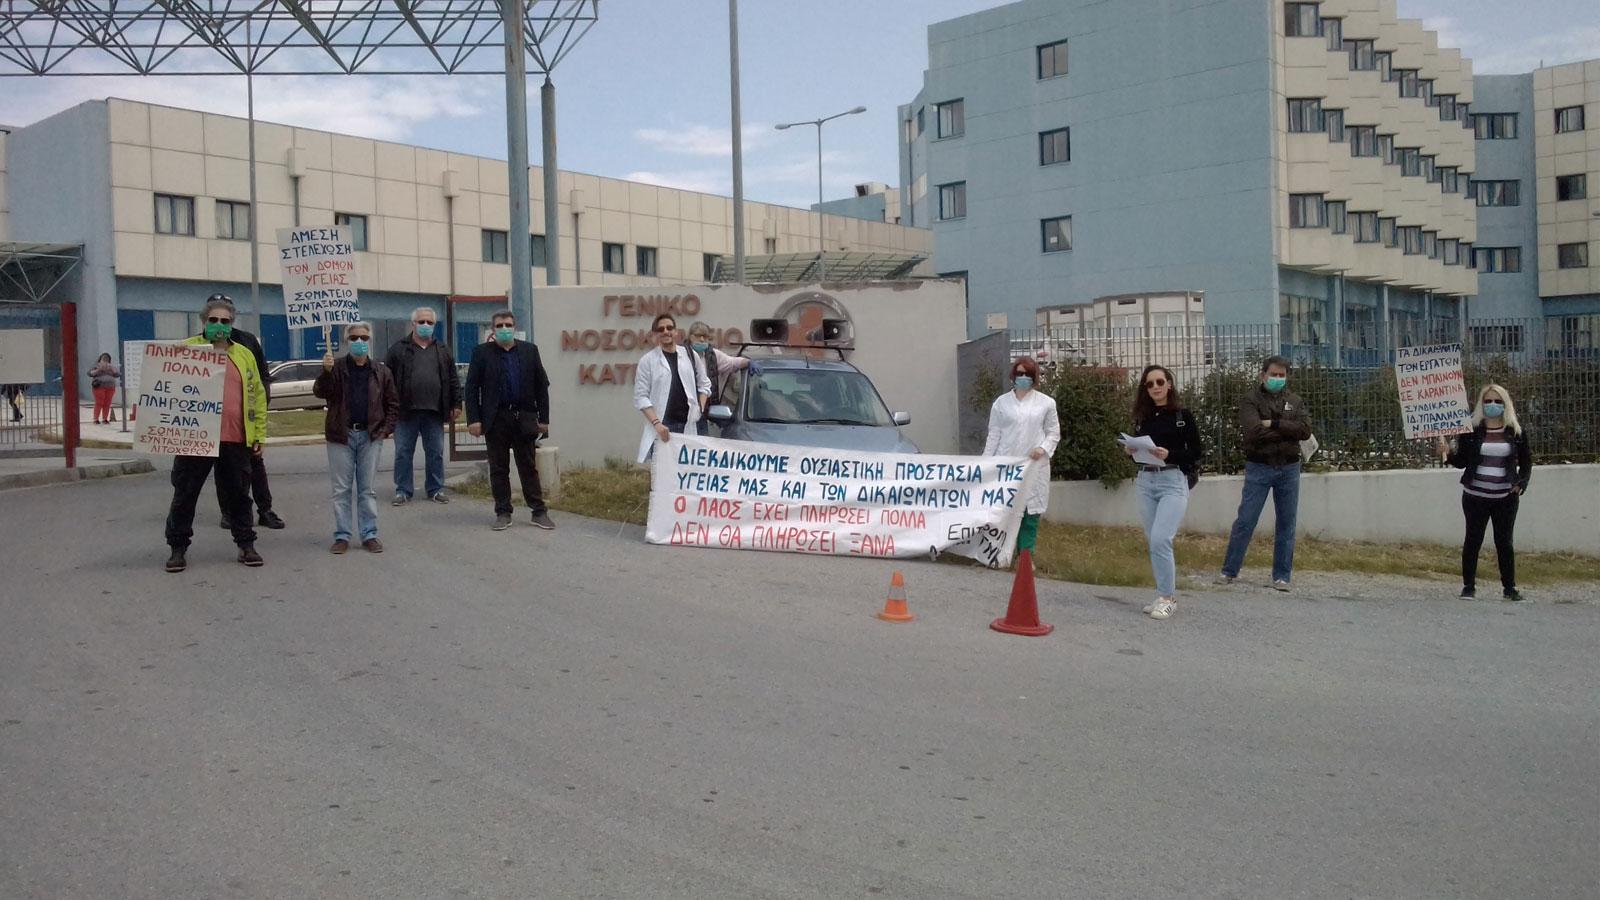 28/4: Κινητοποίηση έξω από το Γενικό Νοσοκομείο Κατερίνης (ΦΩΤΟ)